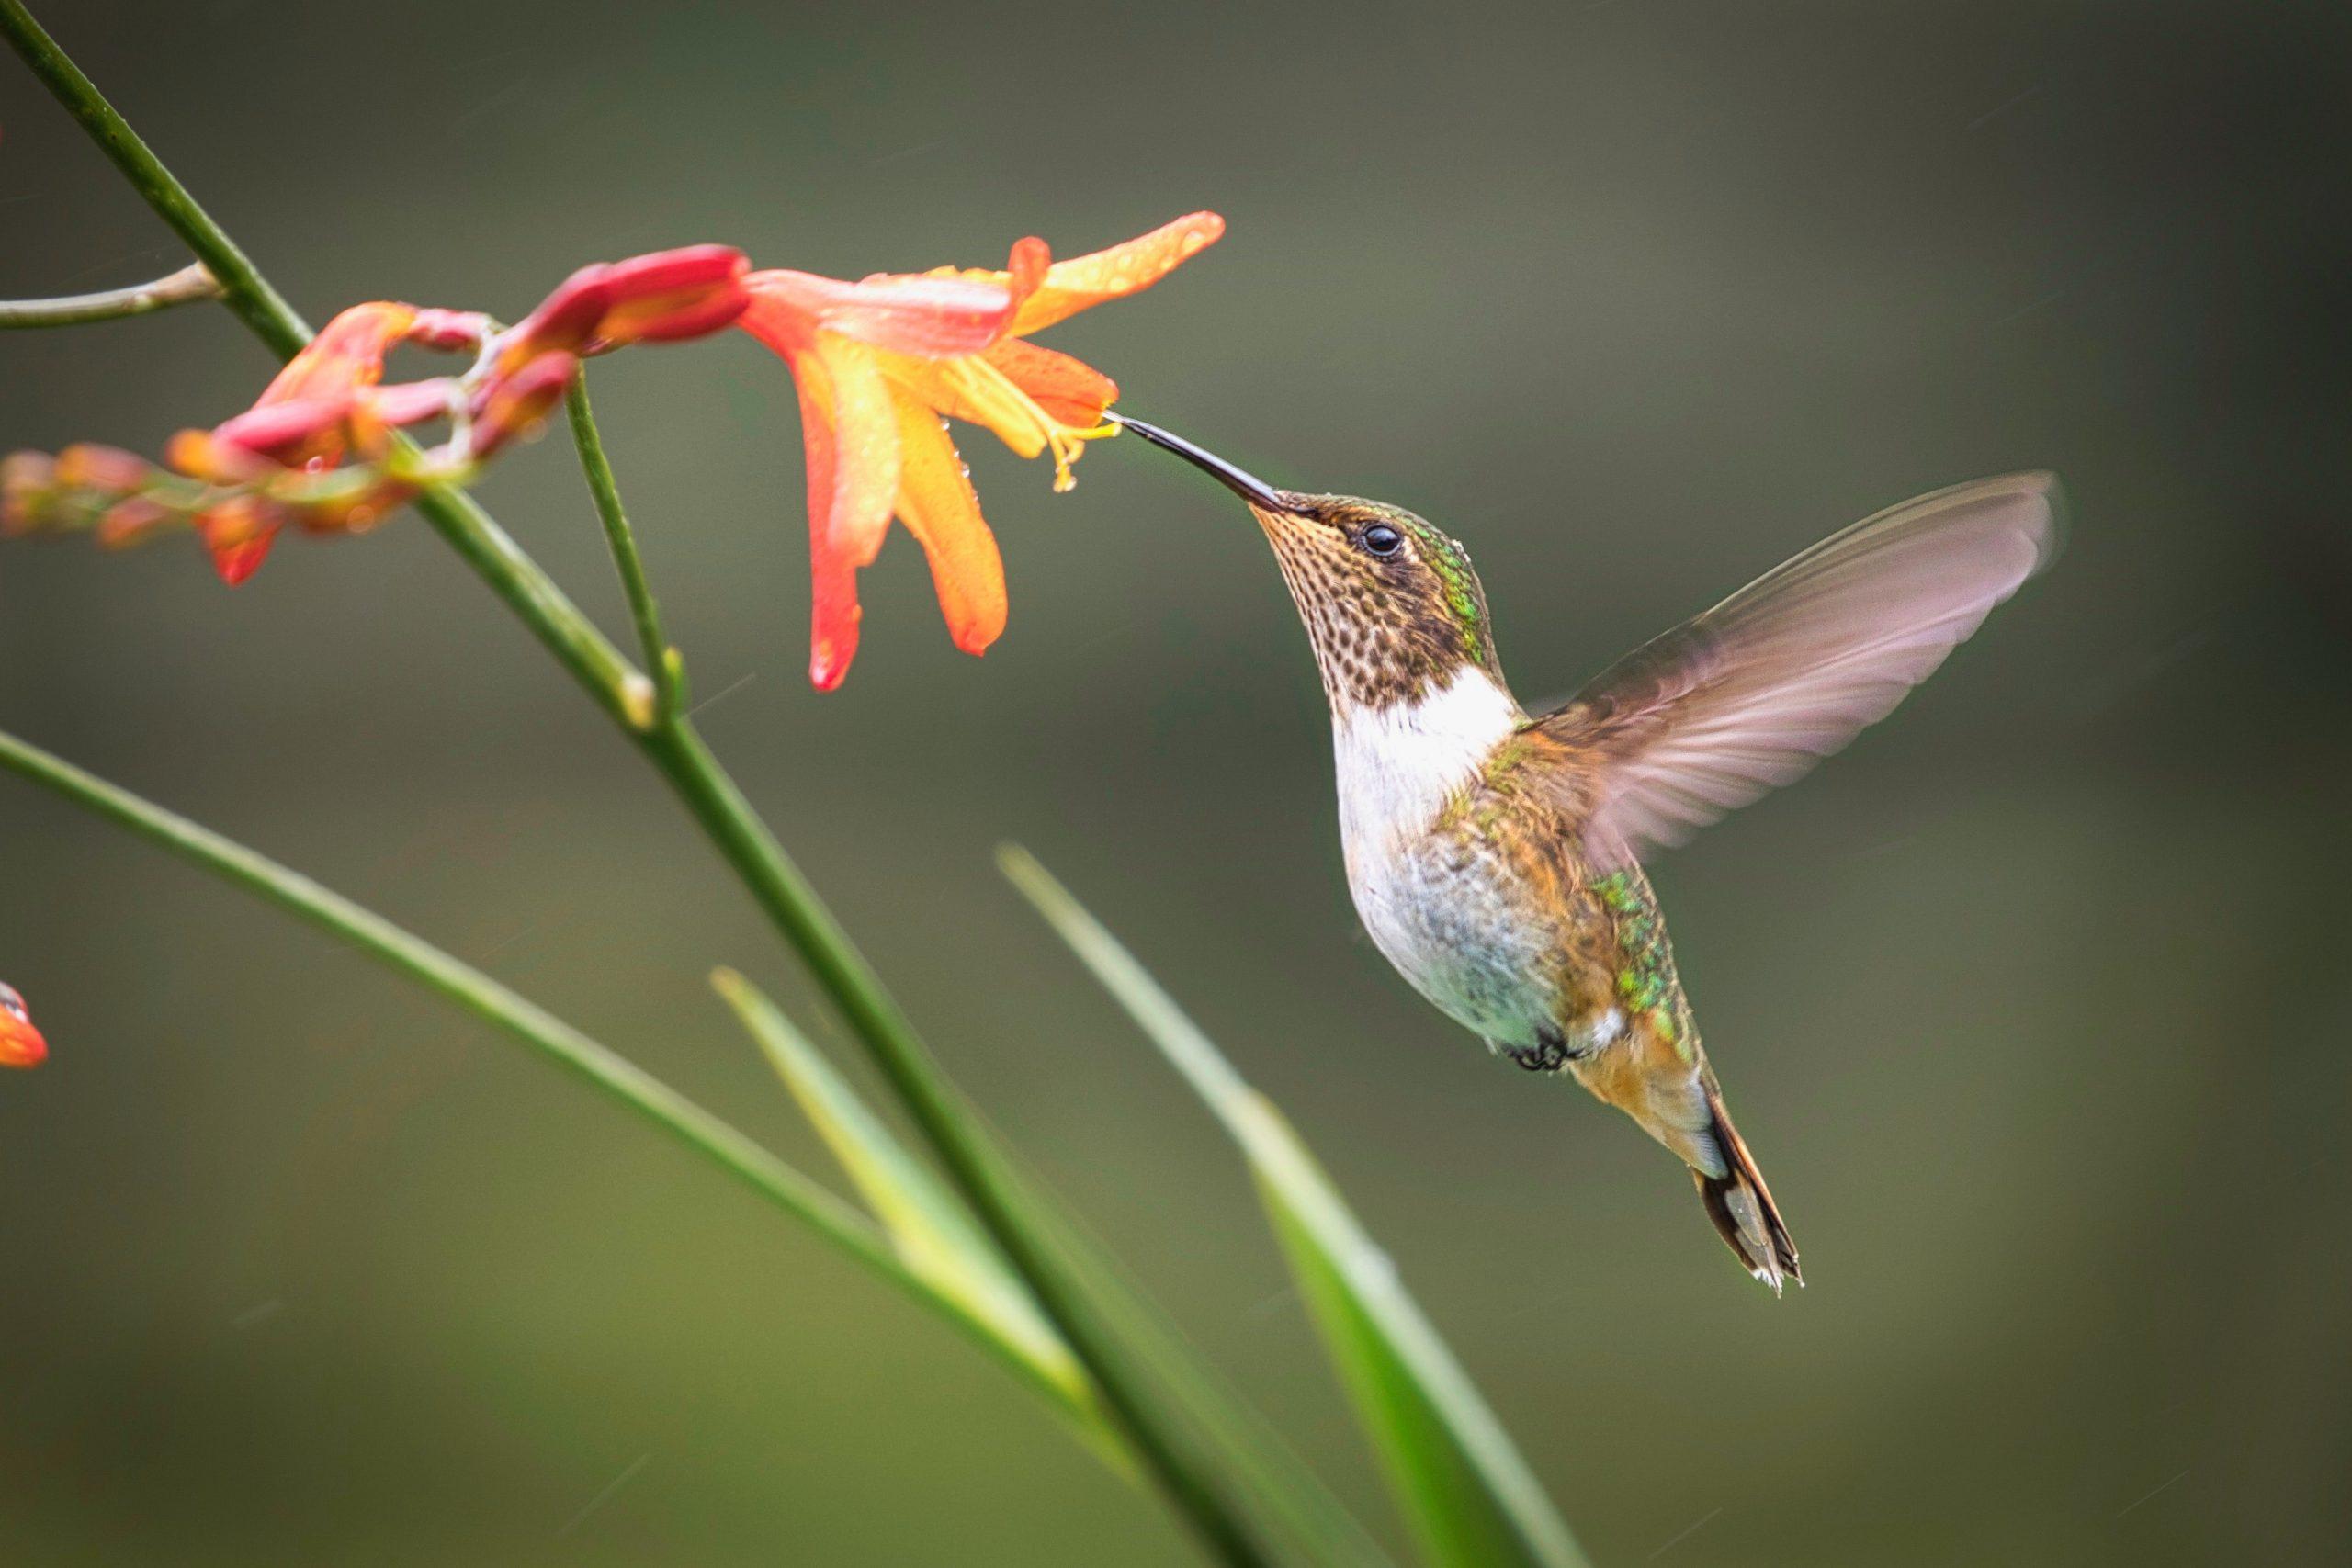 鳥の夢が持つ意味とは何か